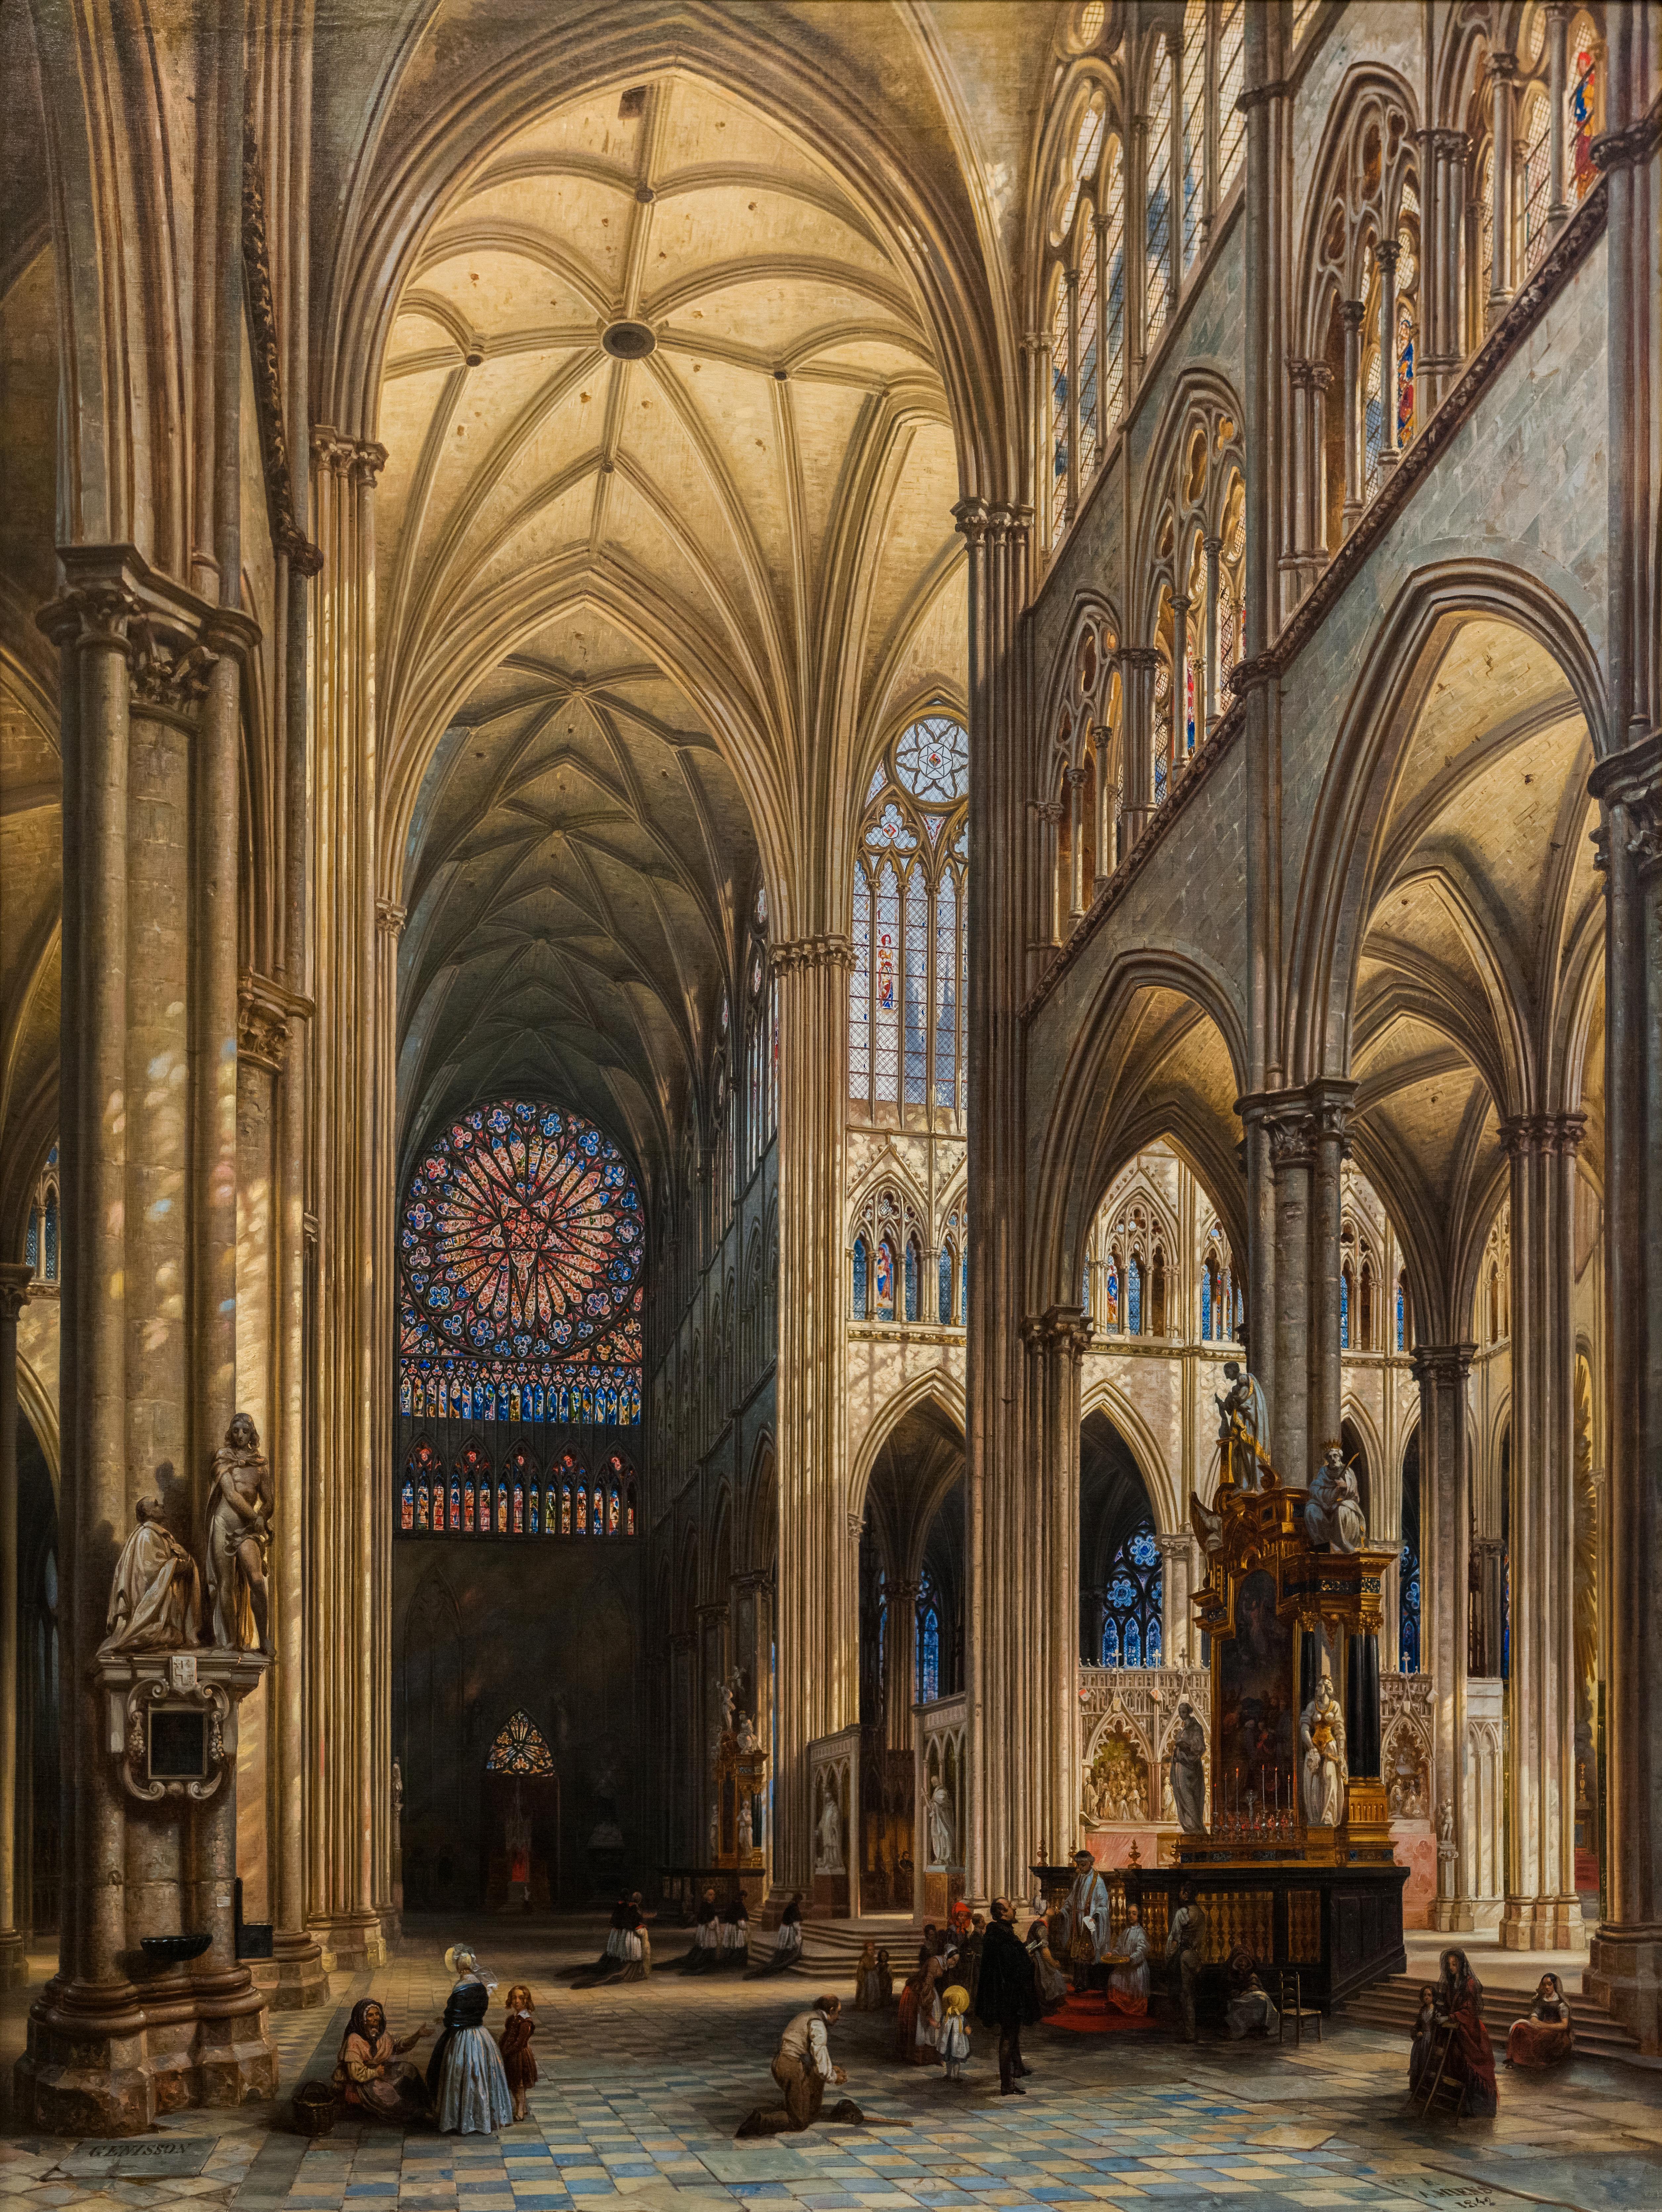 File:Interior da Catedral de Amiens by Jules Victor Genisson, 1842.jpg